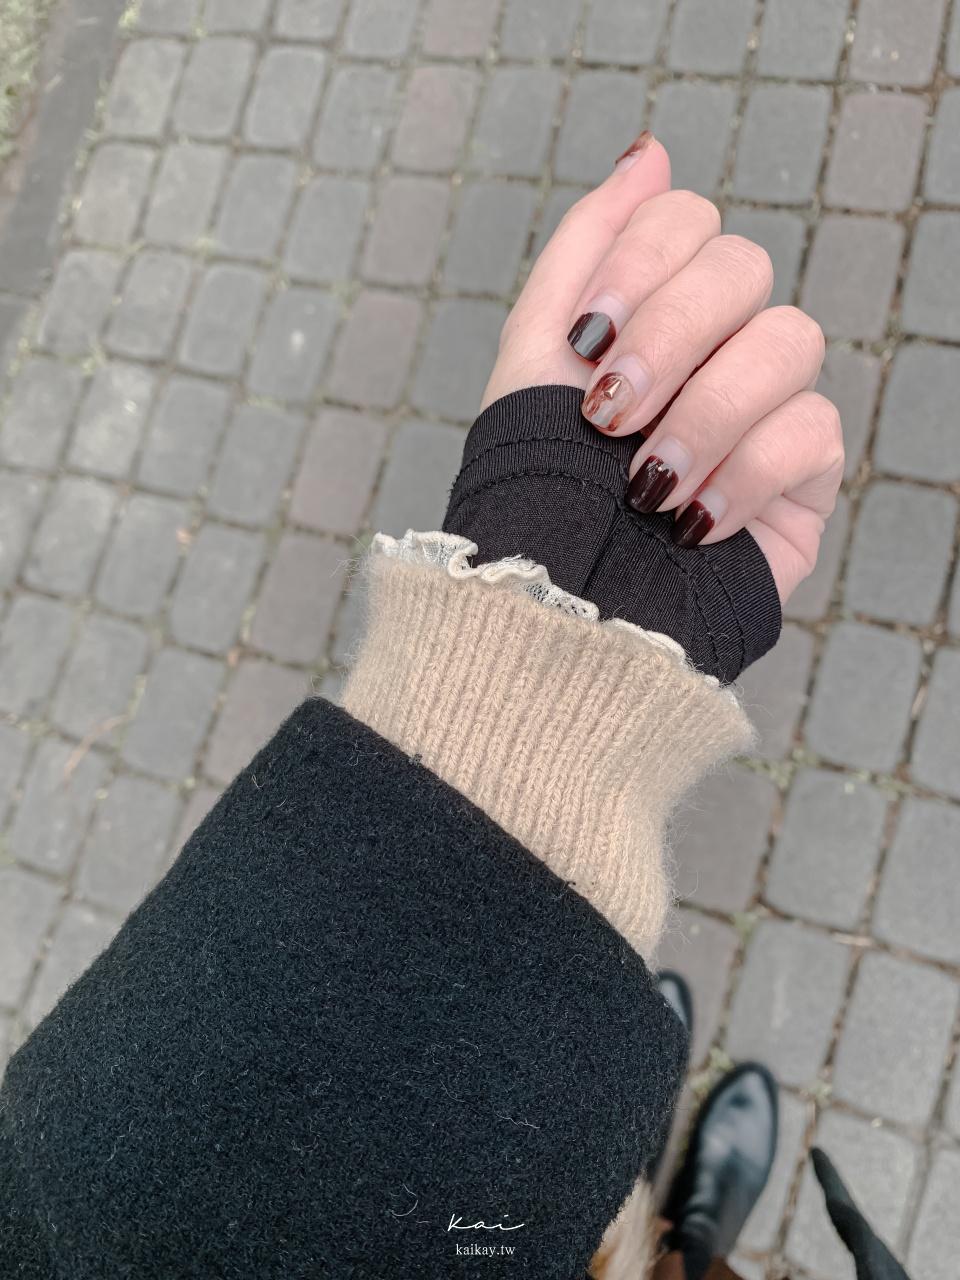 ☆【私服穿搭】寒流保暖攻略。最狂發熱衣、發熱褲精選